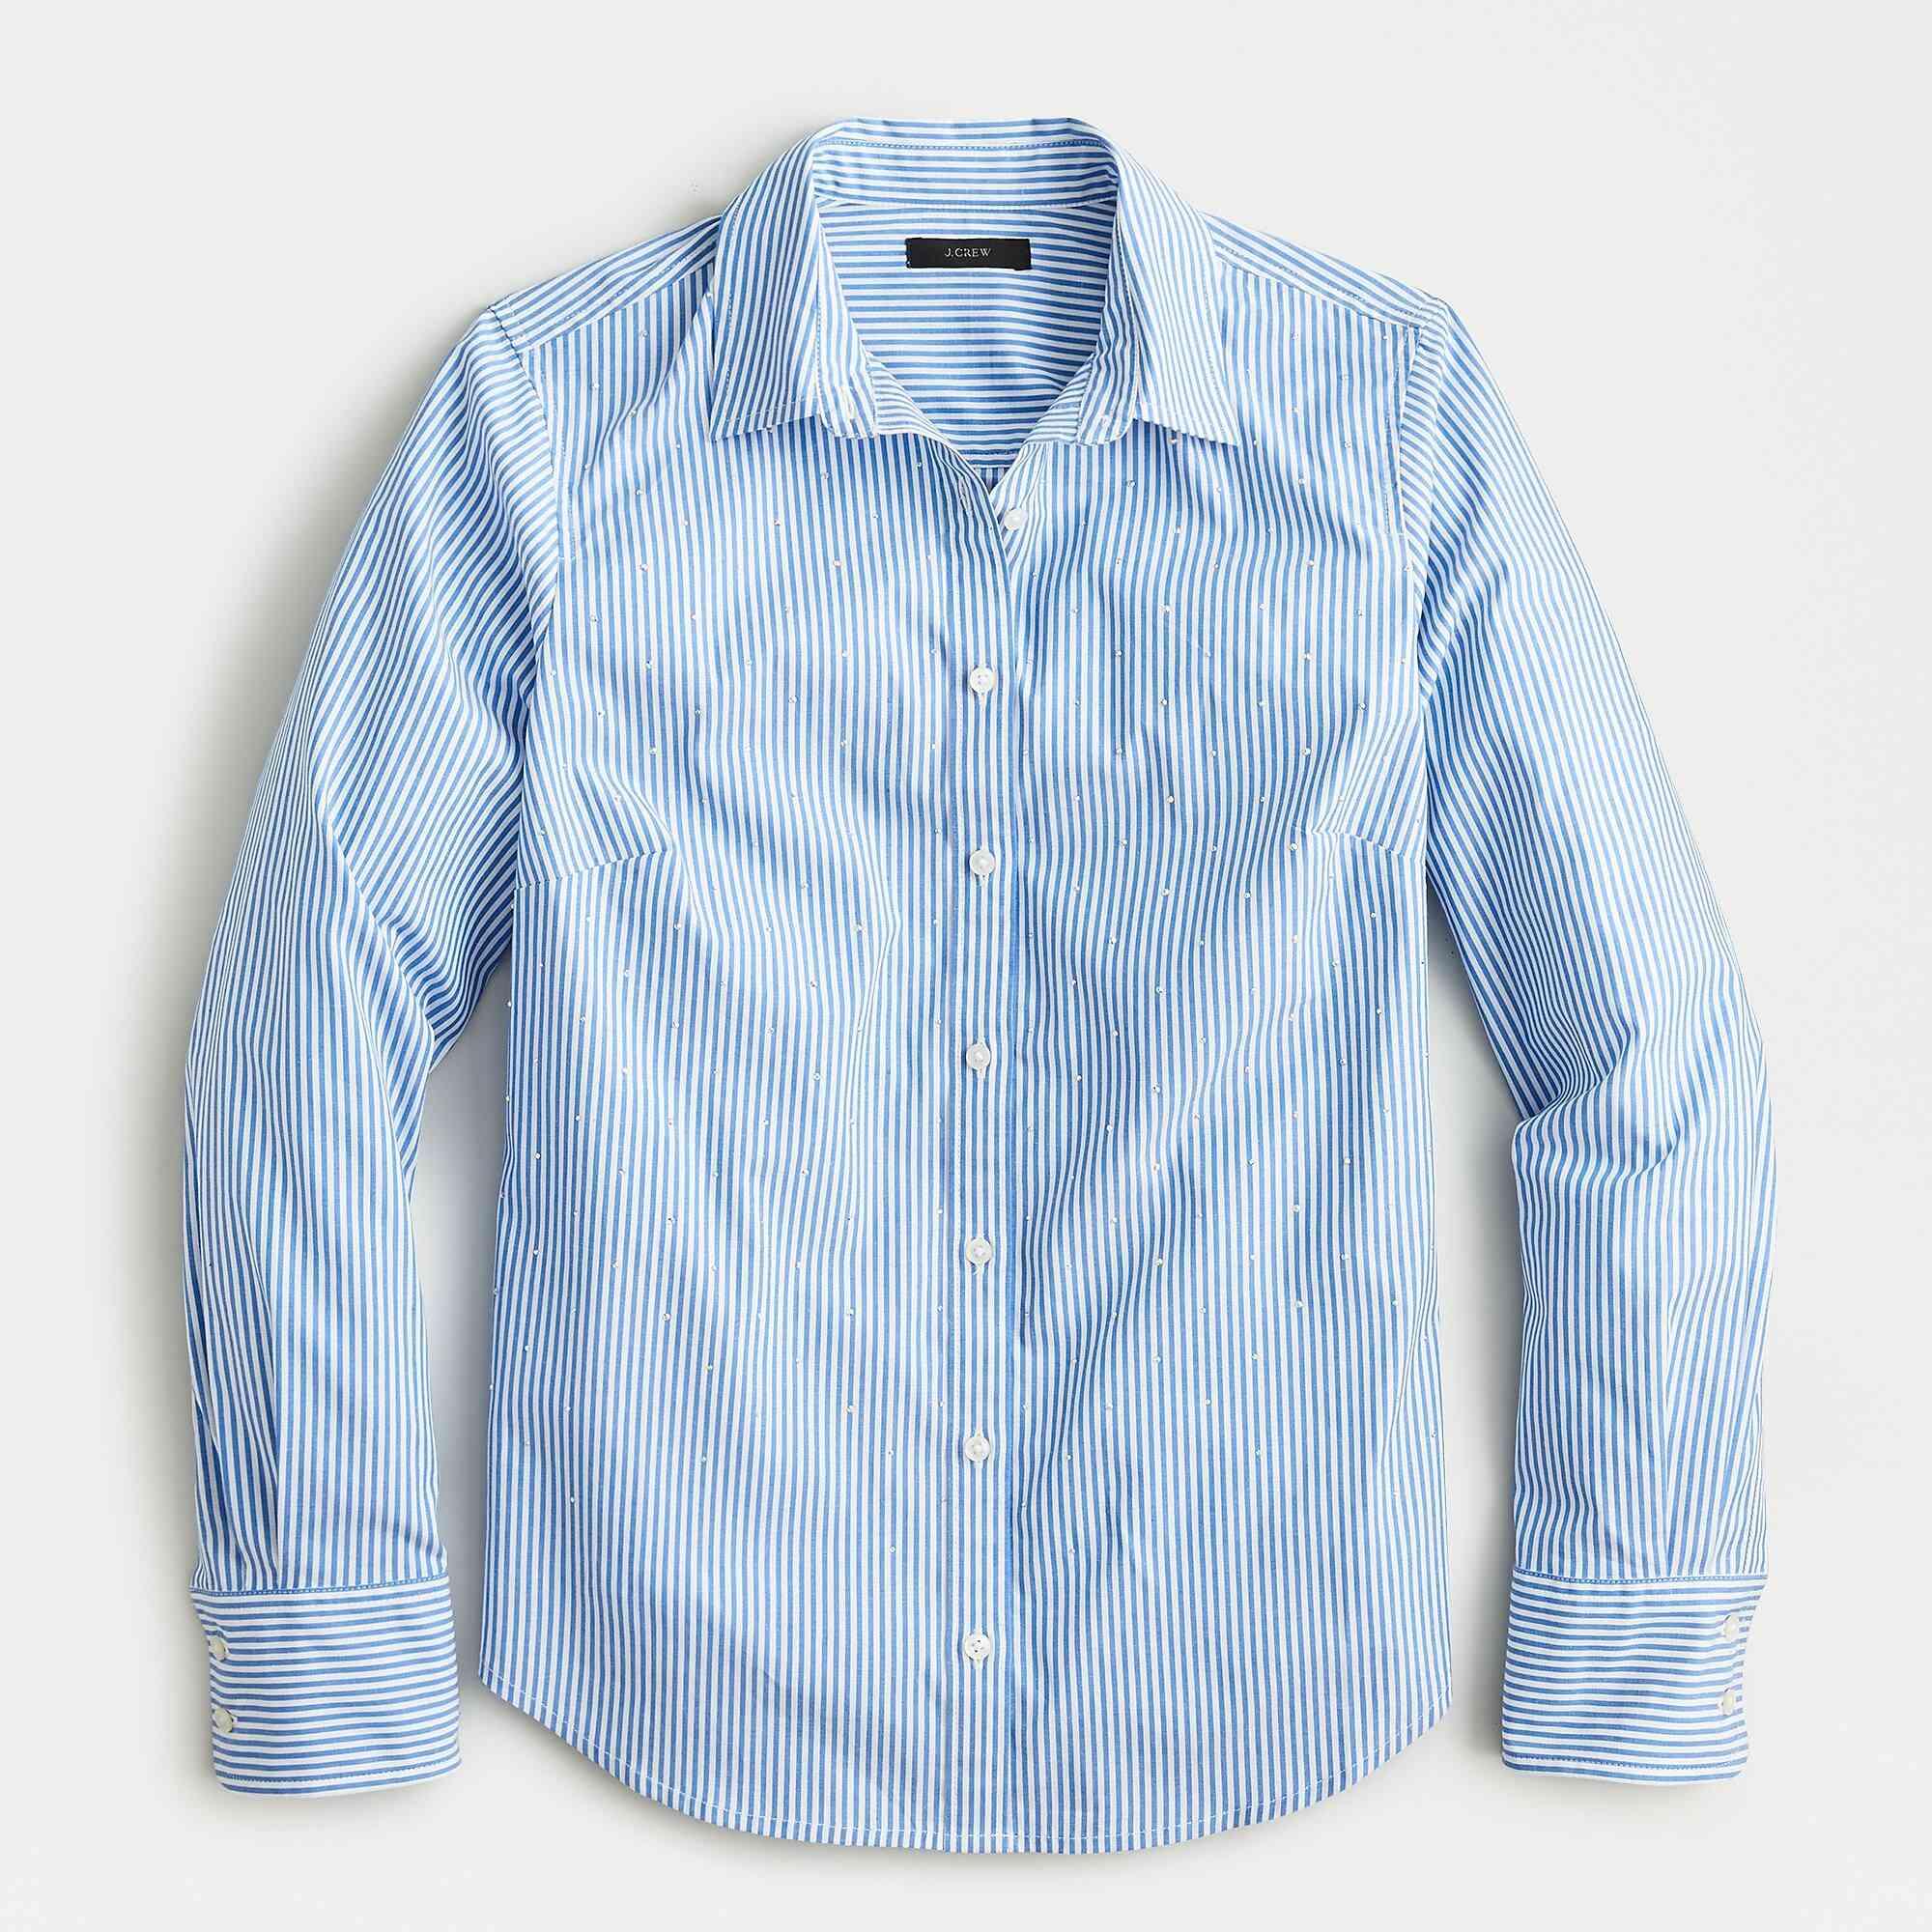 slim stretch perfect shirt in stripe